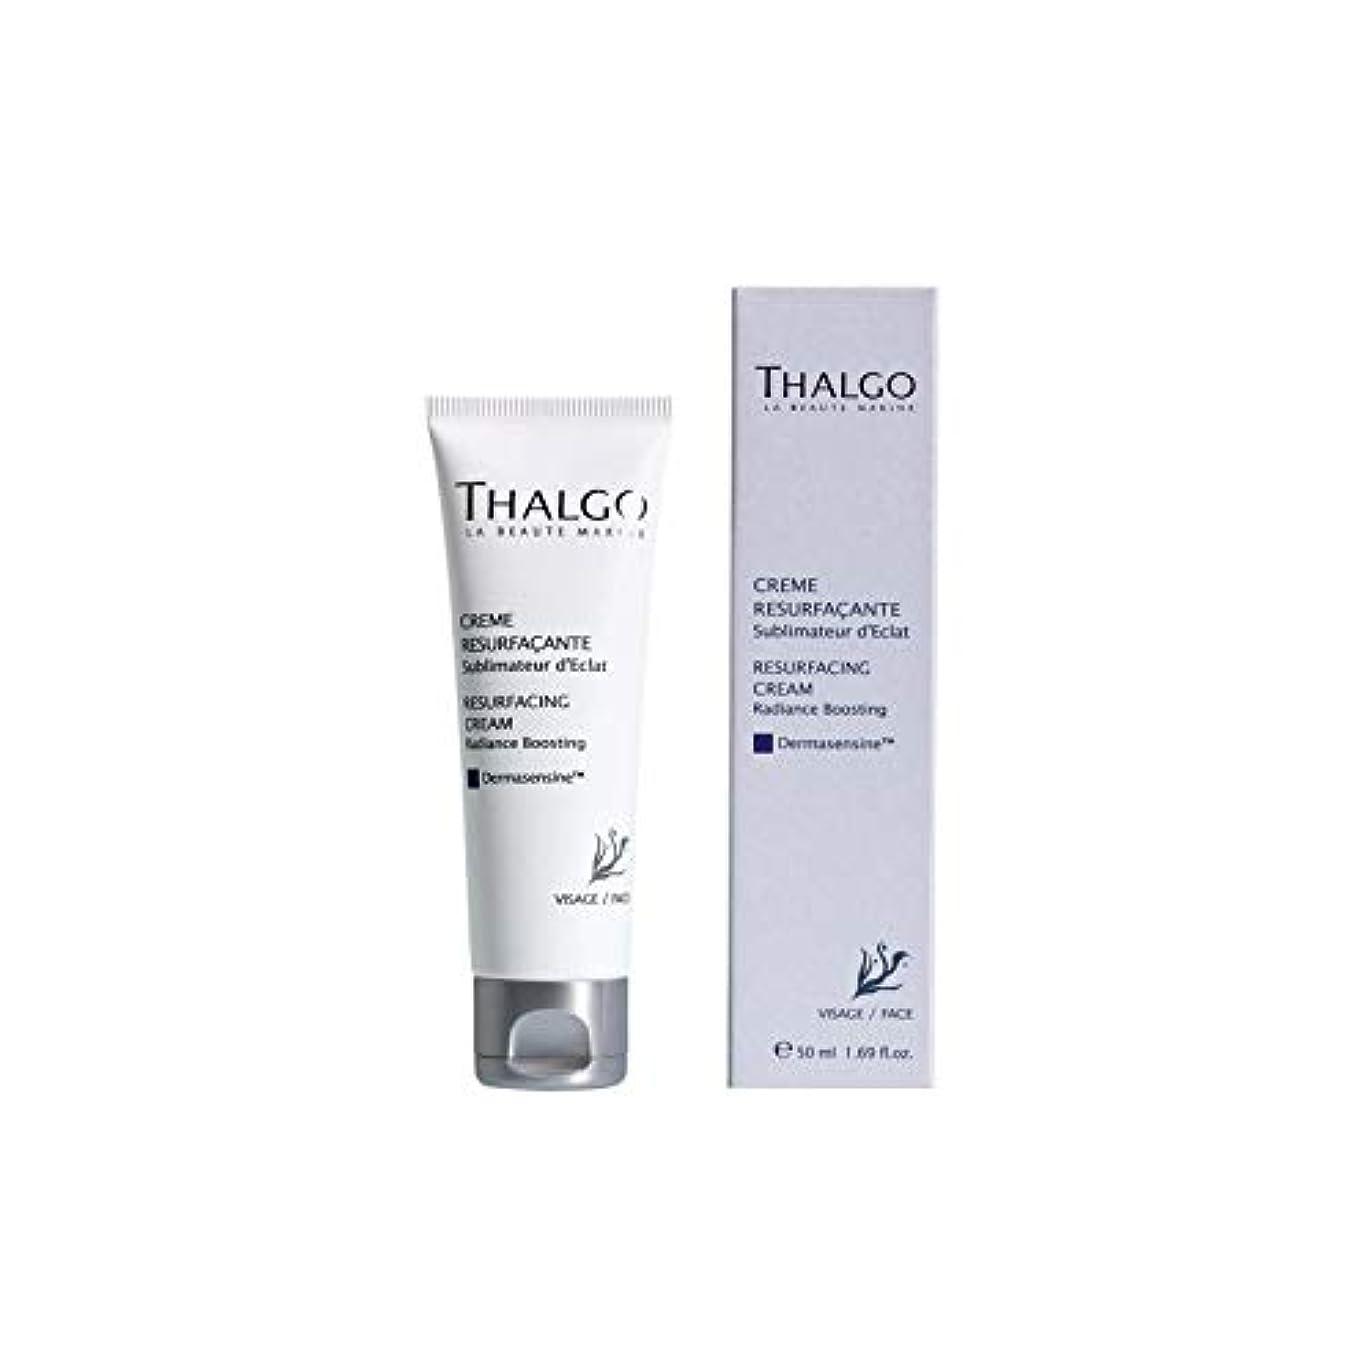 二十順番揮発性[Thalgo ] タルゴ再舗装クリーム(50ミリリットル) - Thalgo Resurfacing Cream (50ml) [並行輸入品]